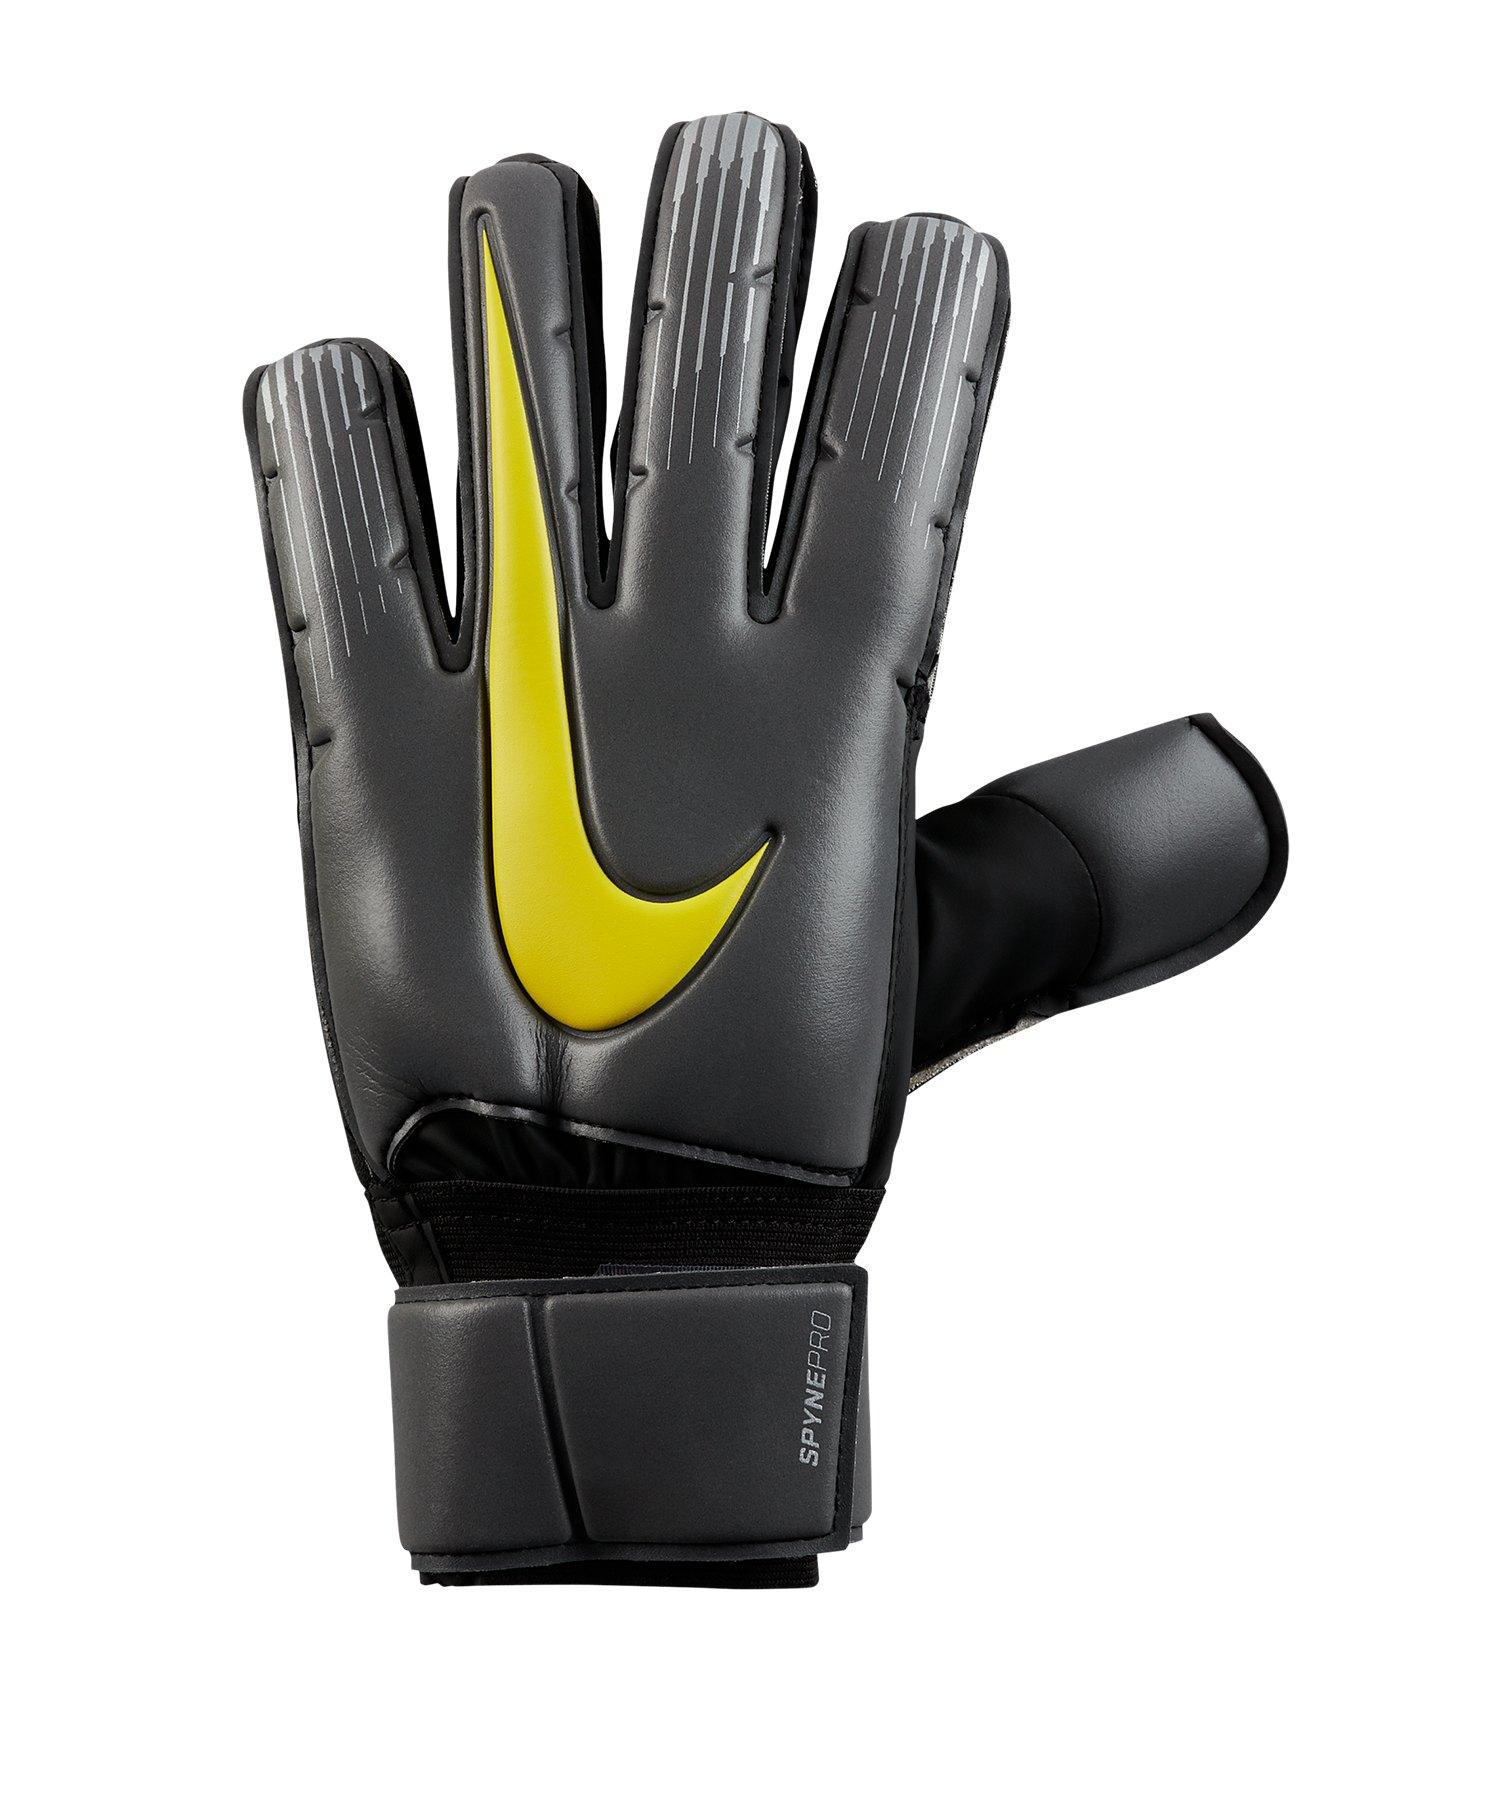 Nike Spyne Pro Torwarthandschuh Schwarz F060 - schwarz